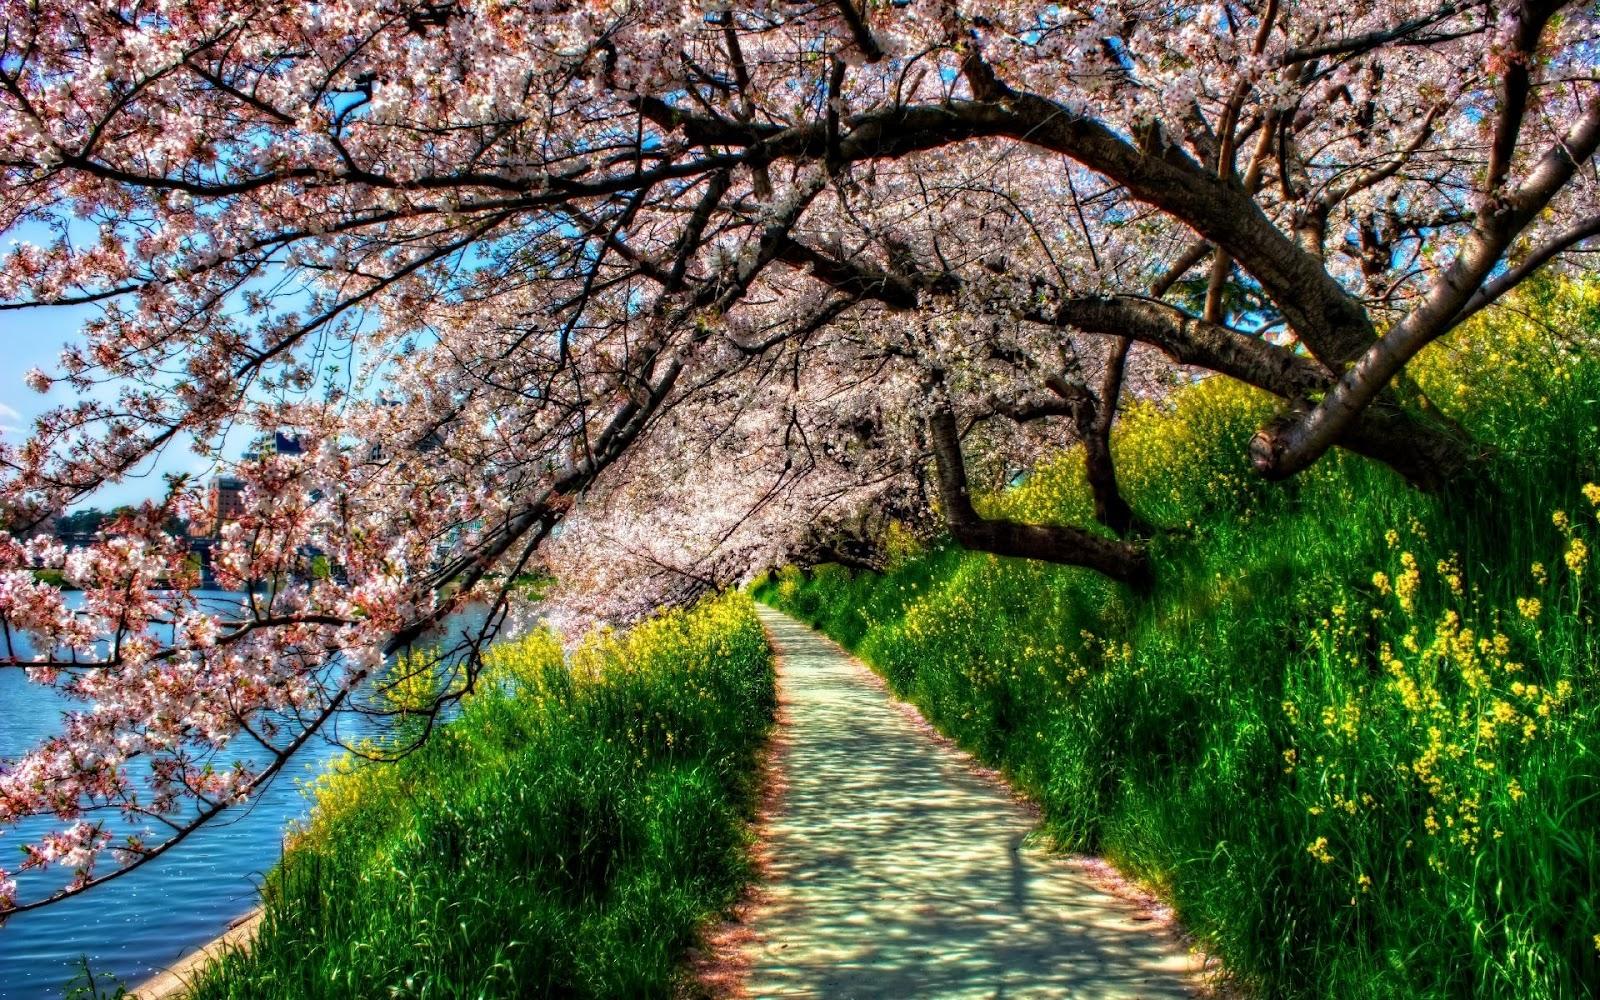 Wallpaper paisajes naturales gratis for Photo hd gratuite